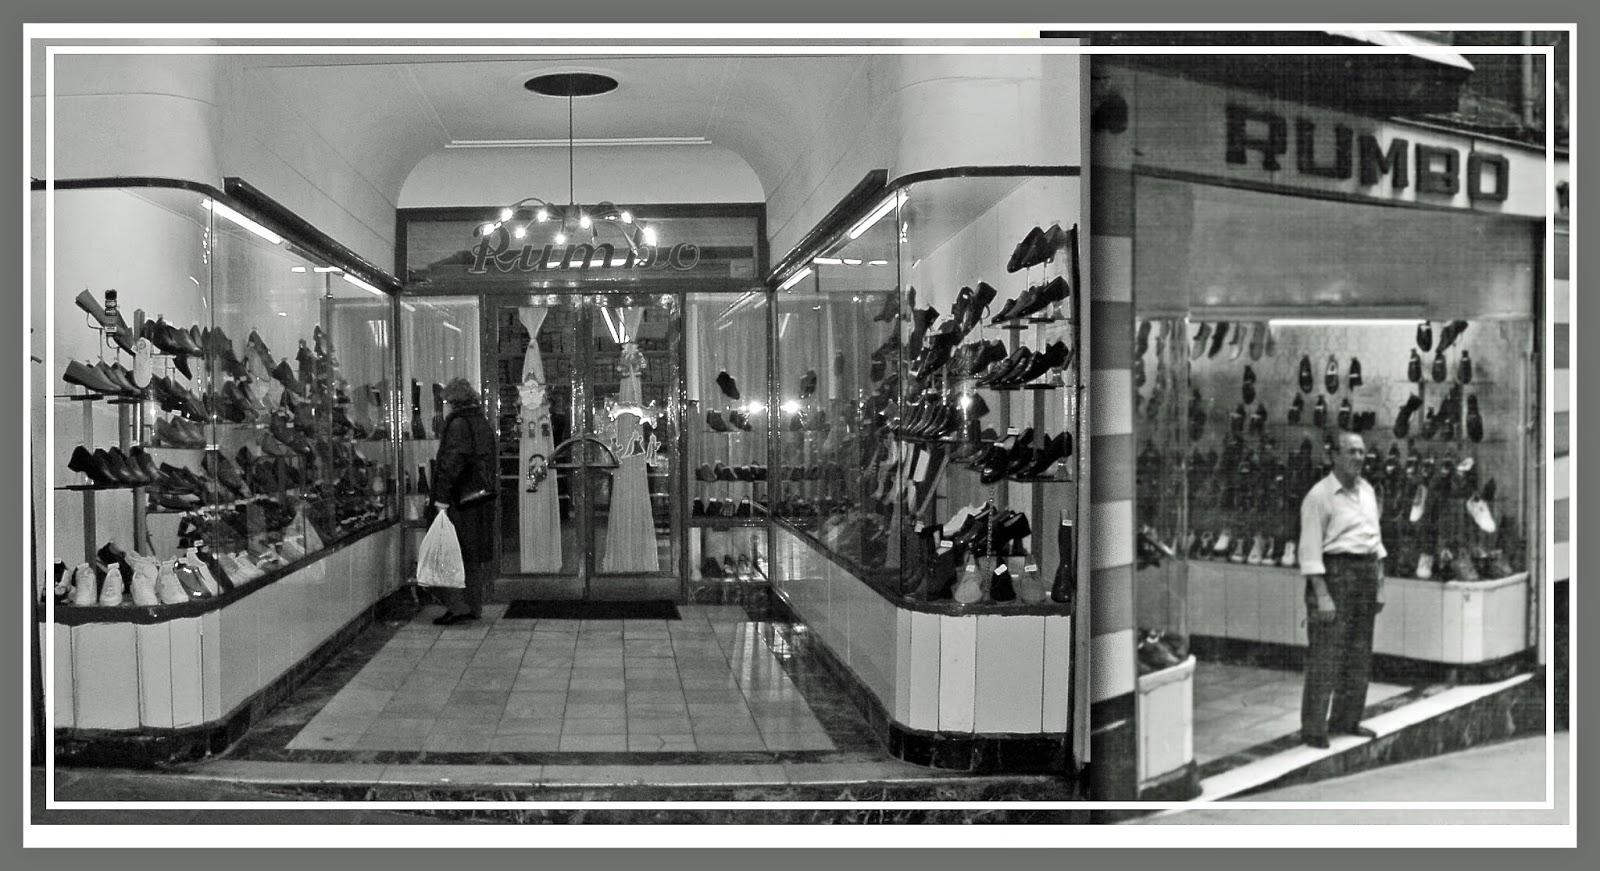 El mareometro blog comercios antiguos portugalajos de - Bilbao fotos antiguas ...